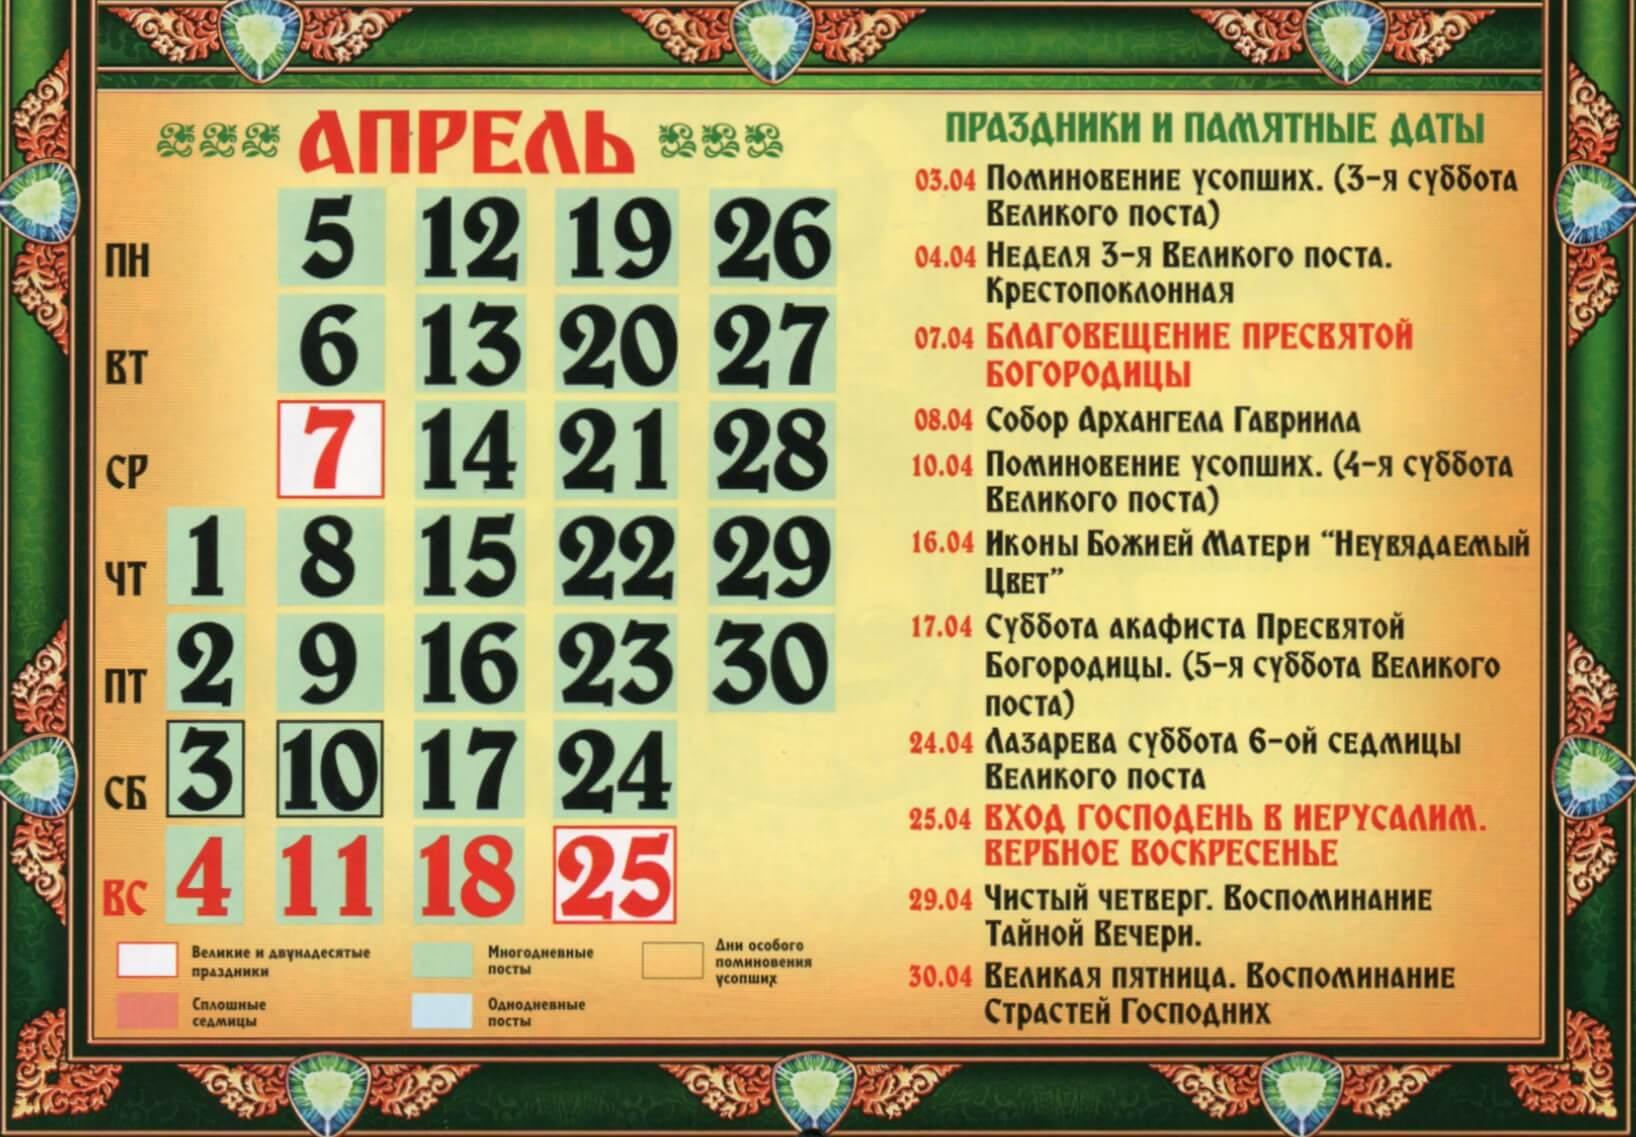 Православные церковные праздники в апреле 2021 года